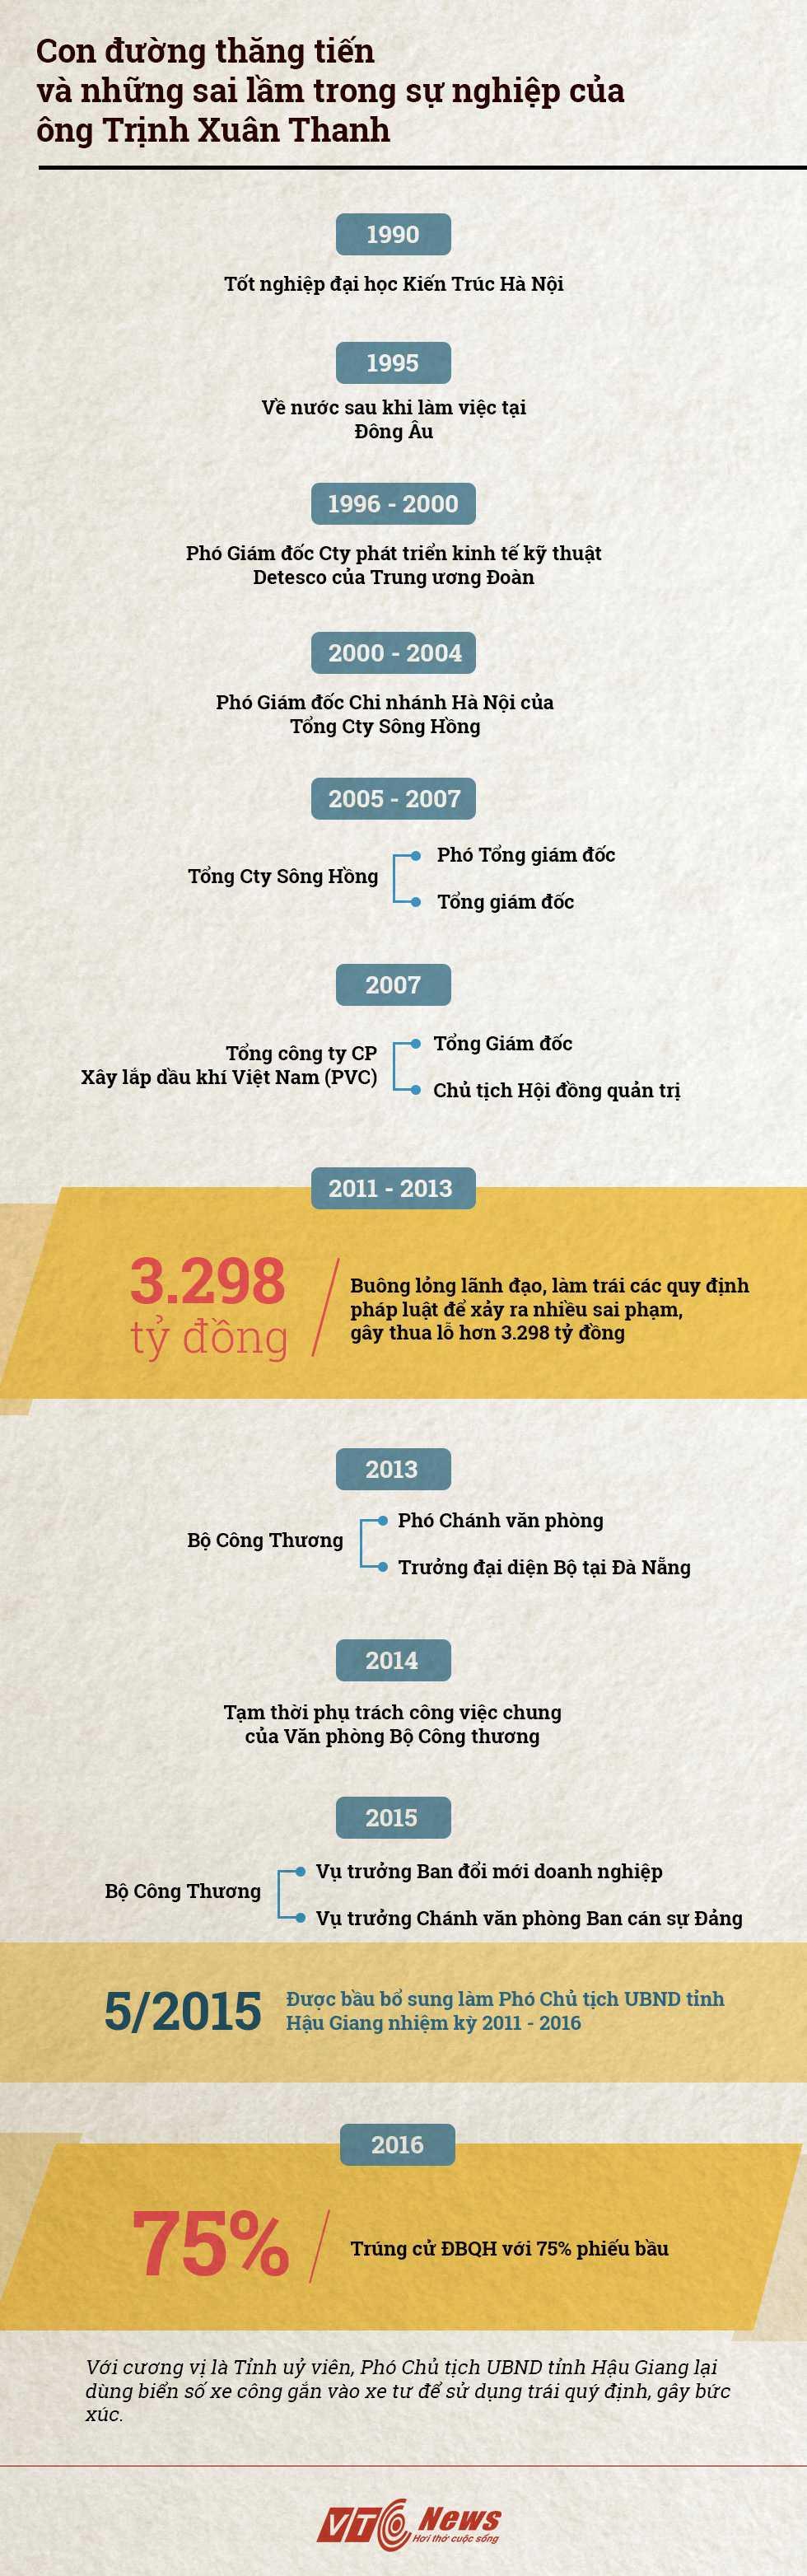 Infographic: Con duong cong danh 'ngoan muc' cua ong Trinh Xuan Thanh hinh anh 1